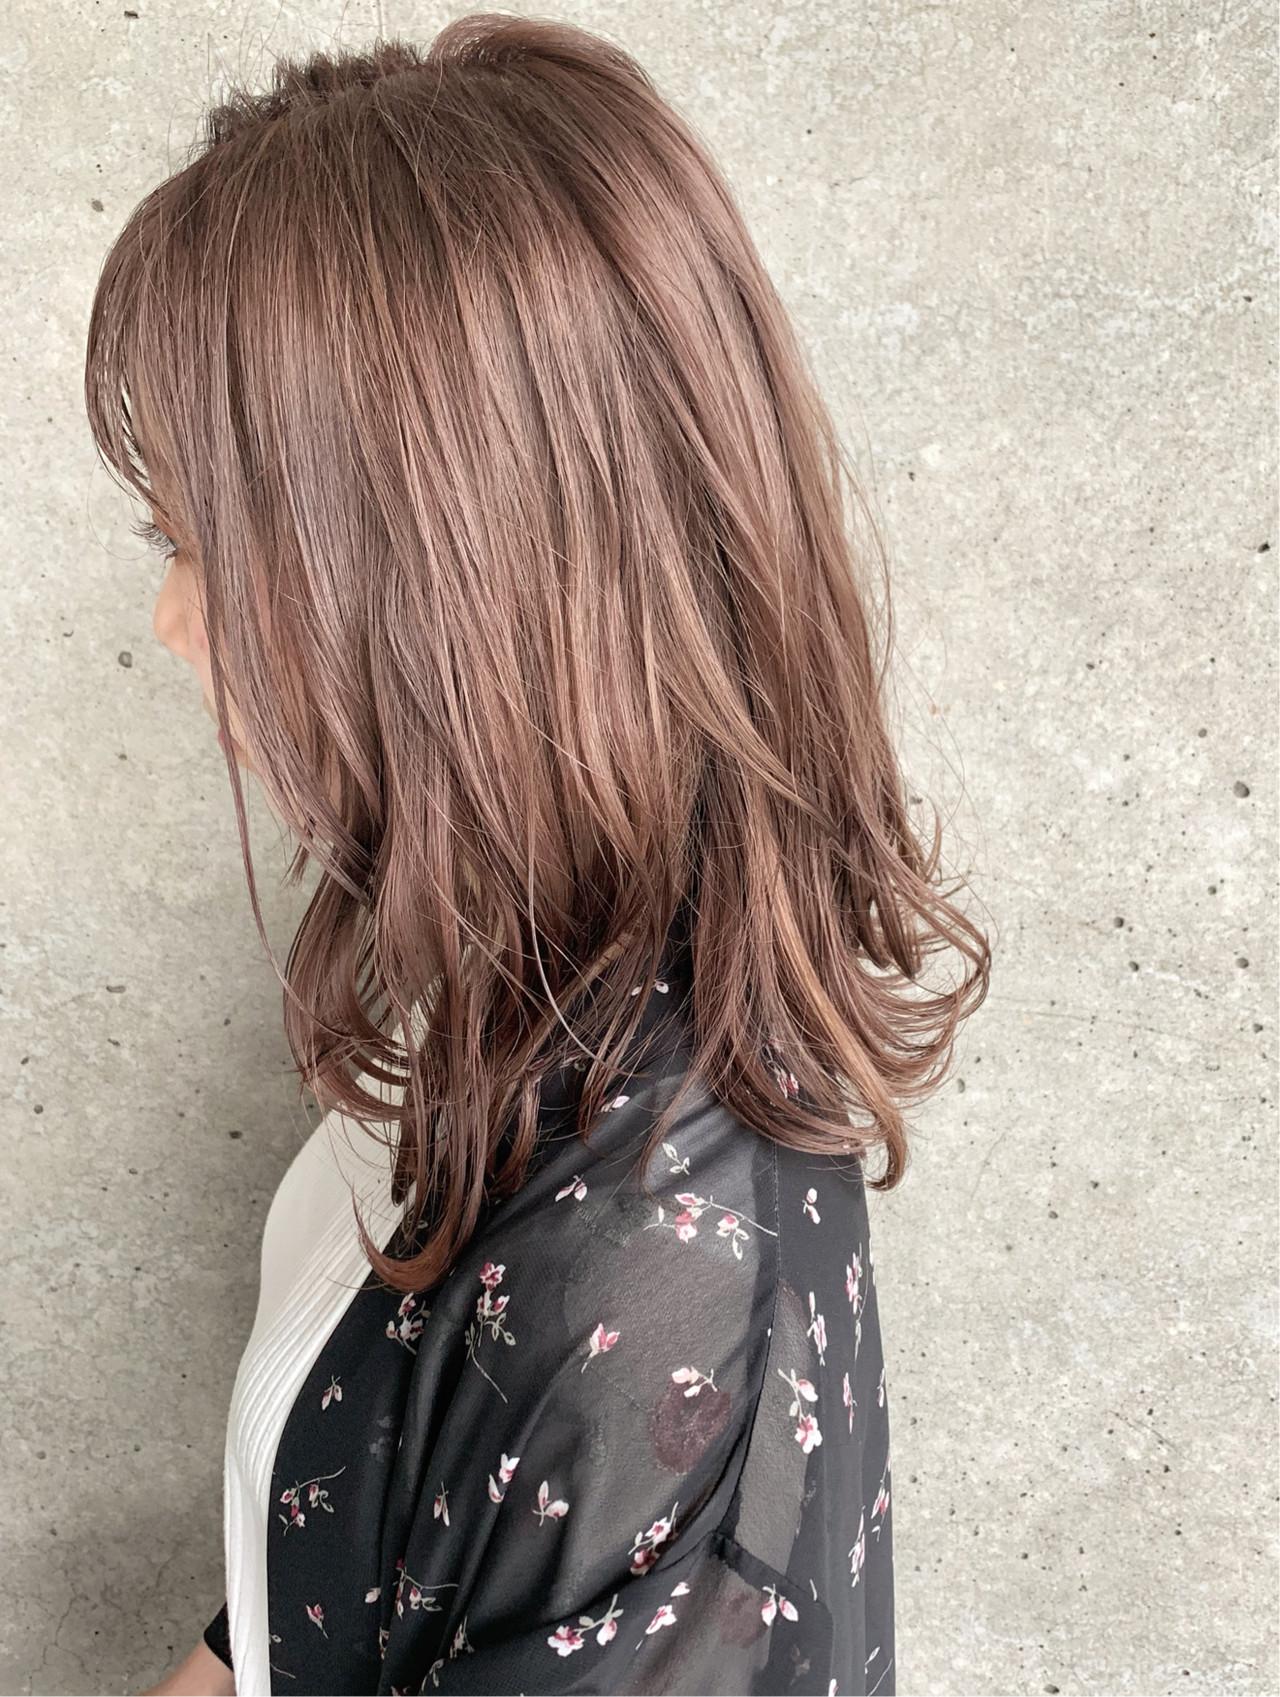 ナチュラル 透明感カラー ブリーチ必須 セミロング ヘアスタイルや髪型の写真・画像